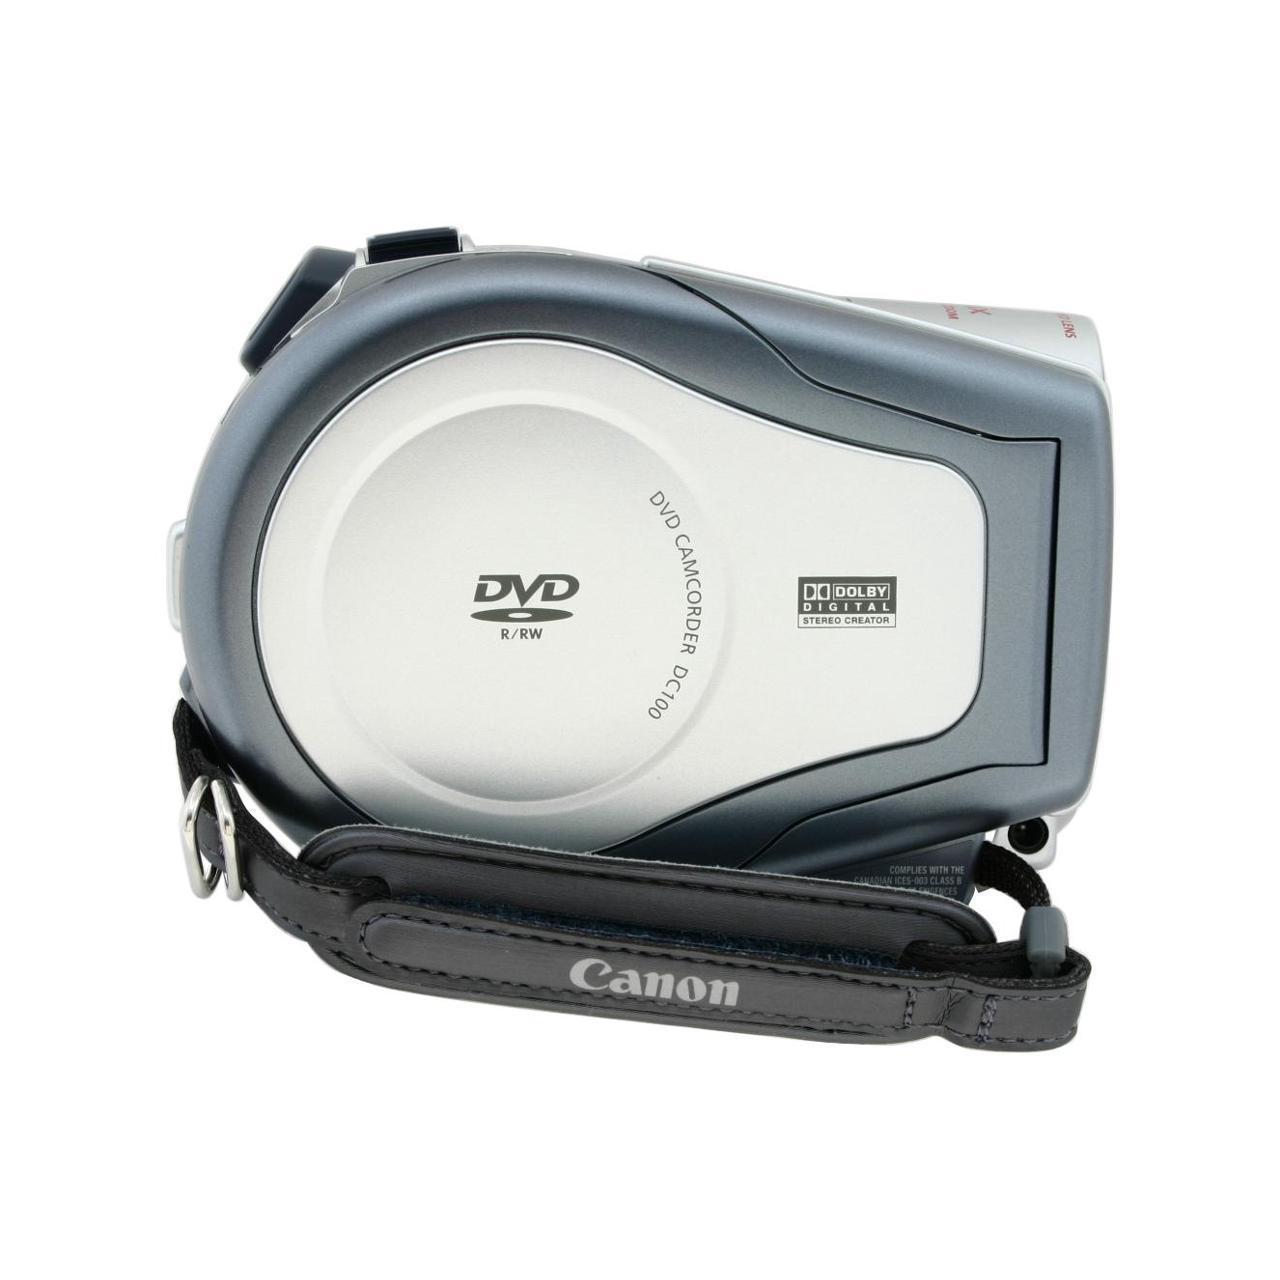 Caméra Canon DC100 E - Gris